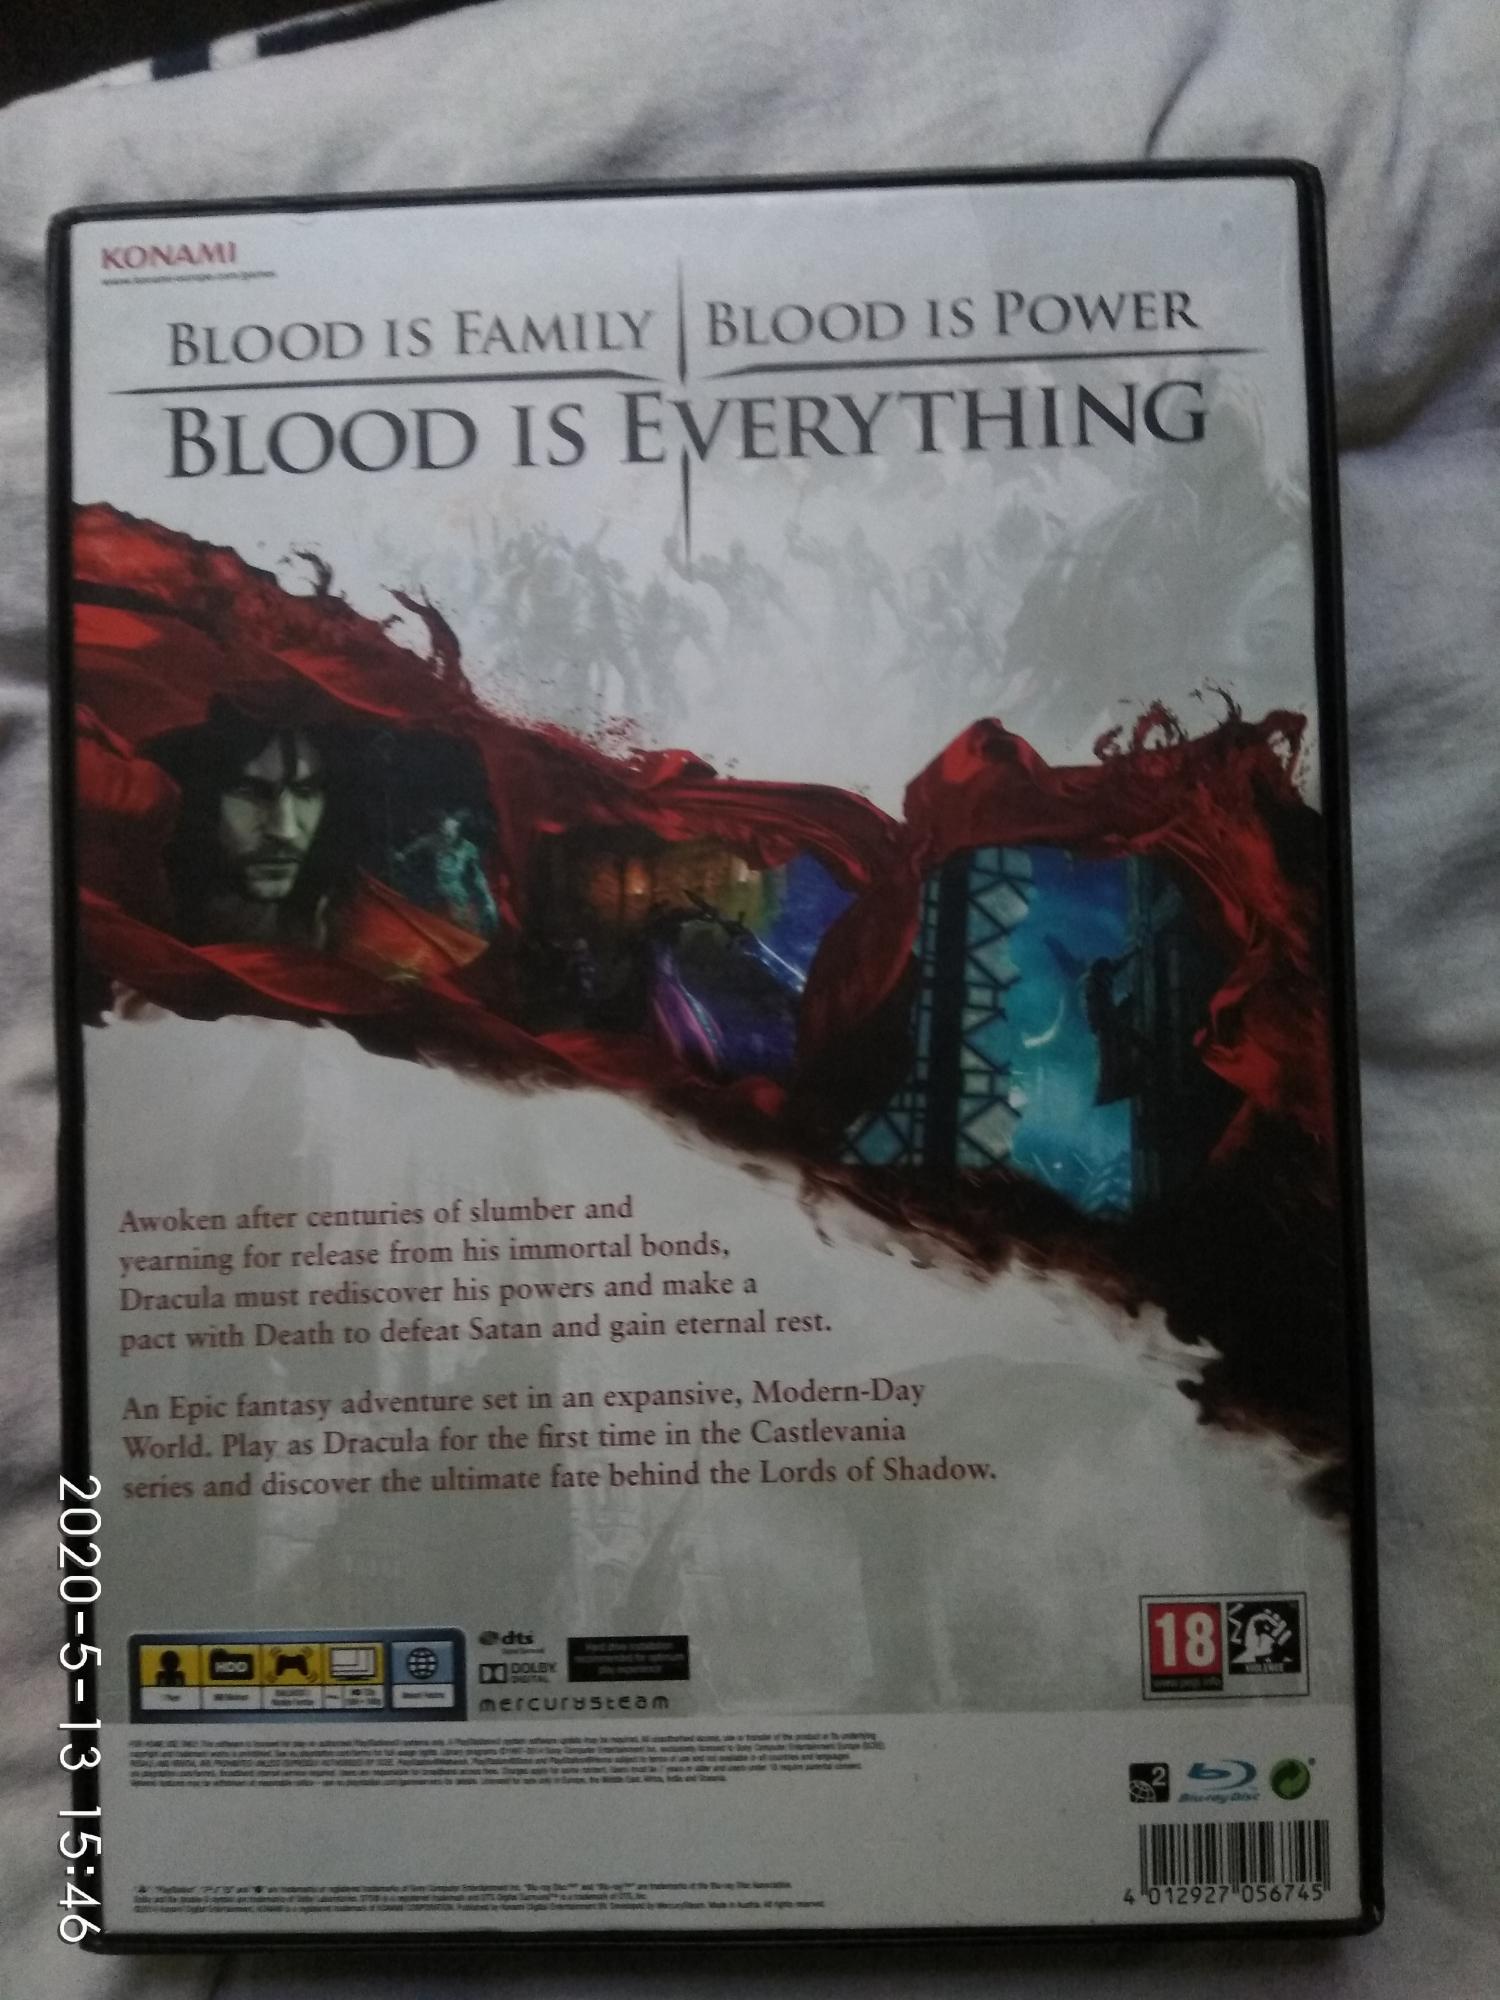 Castlevania Lord of Shadow 2 Limited Edition Belmo в Москве 89067989906 купить 8